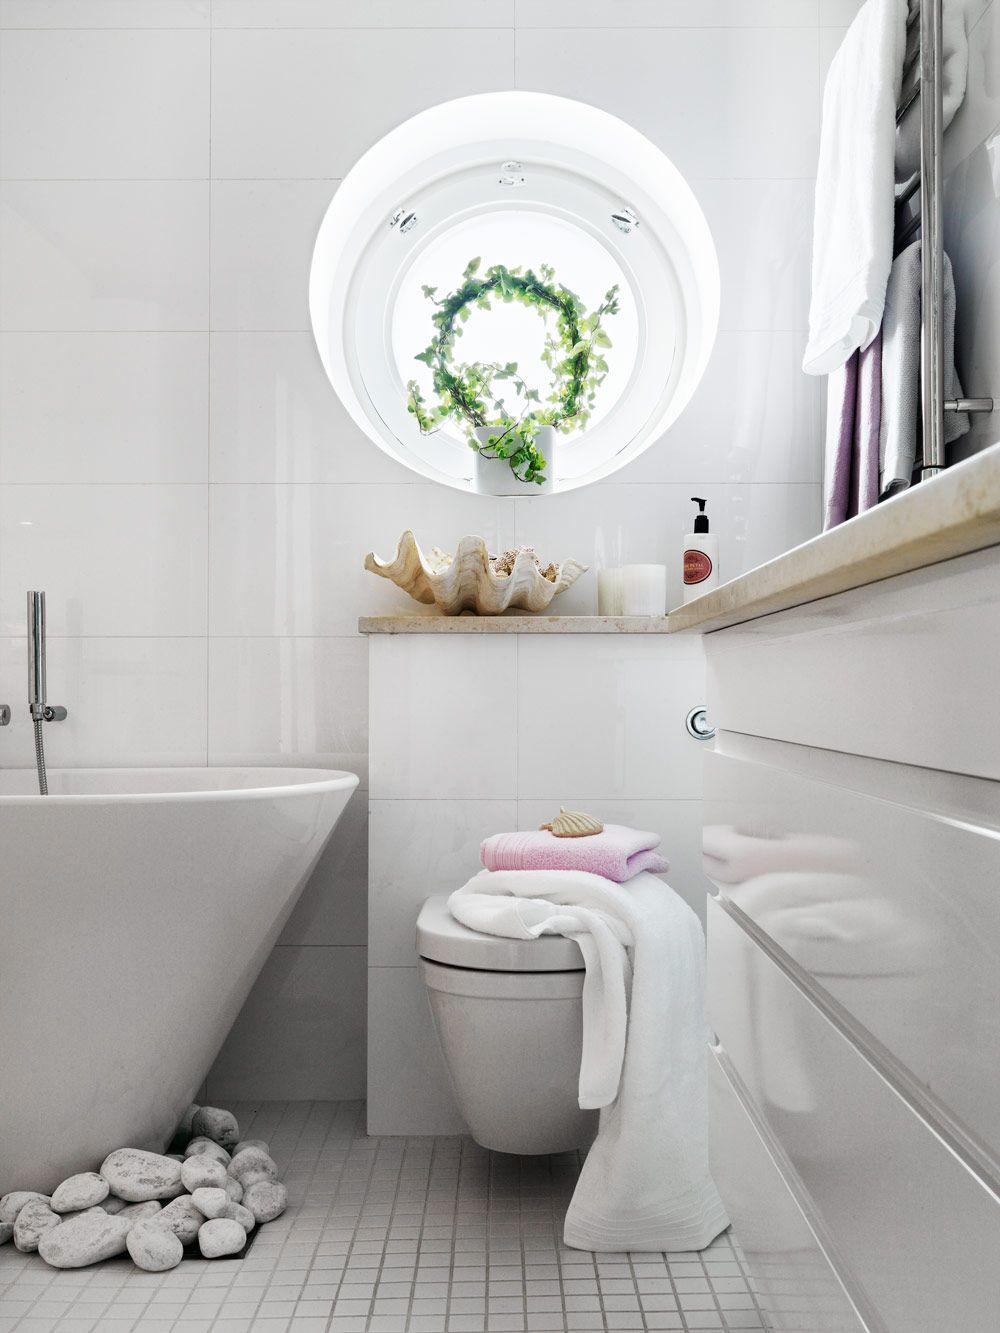 Bathroom Decor For Small Bathrooms Ideas Pinterest - Nautica bathroom decor for small bathroom ideas